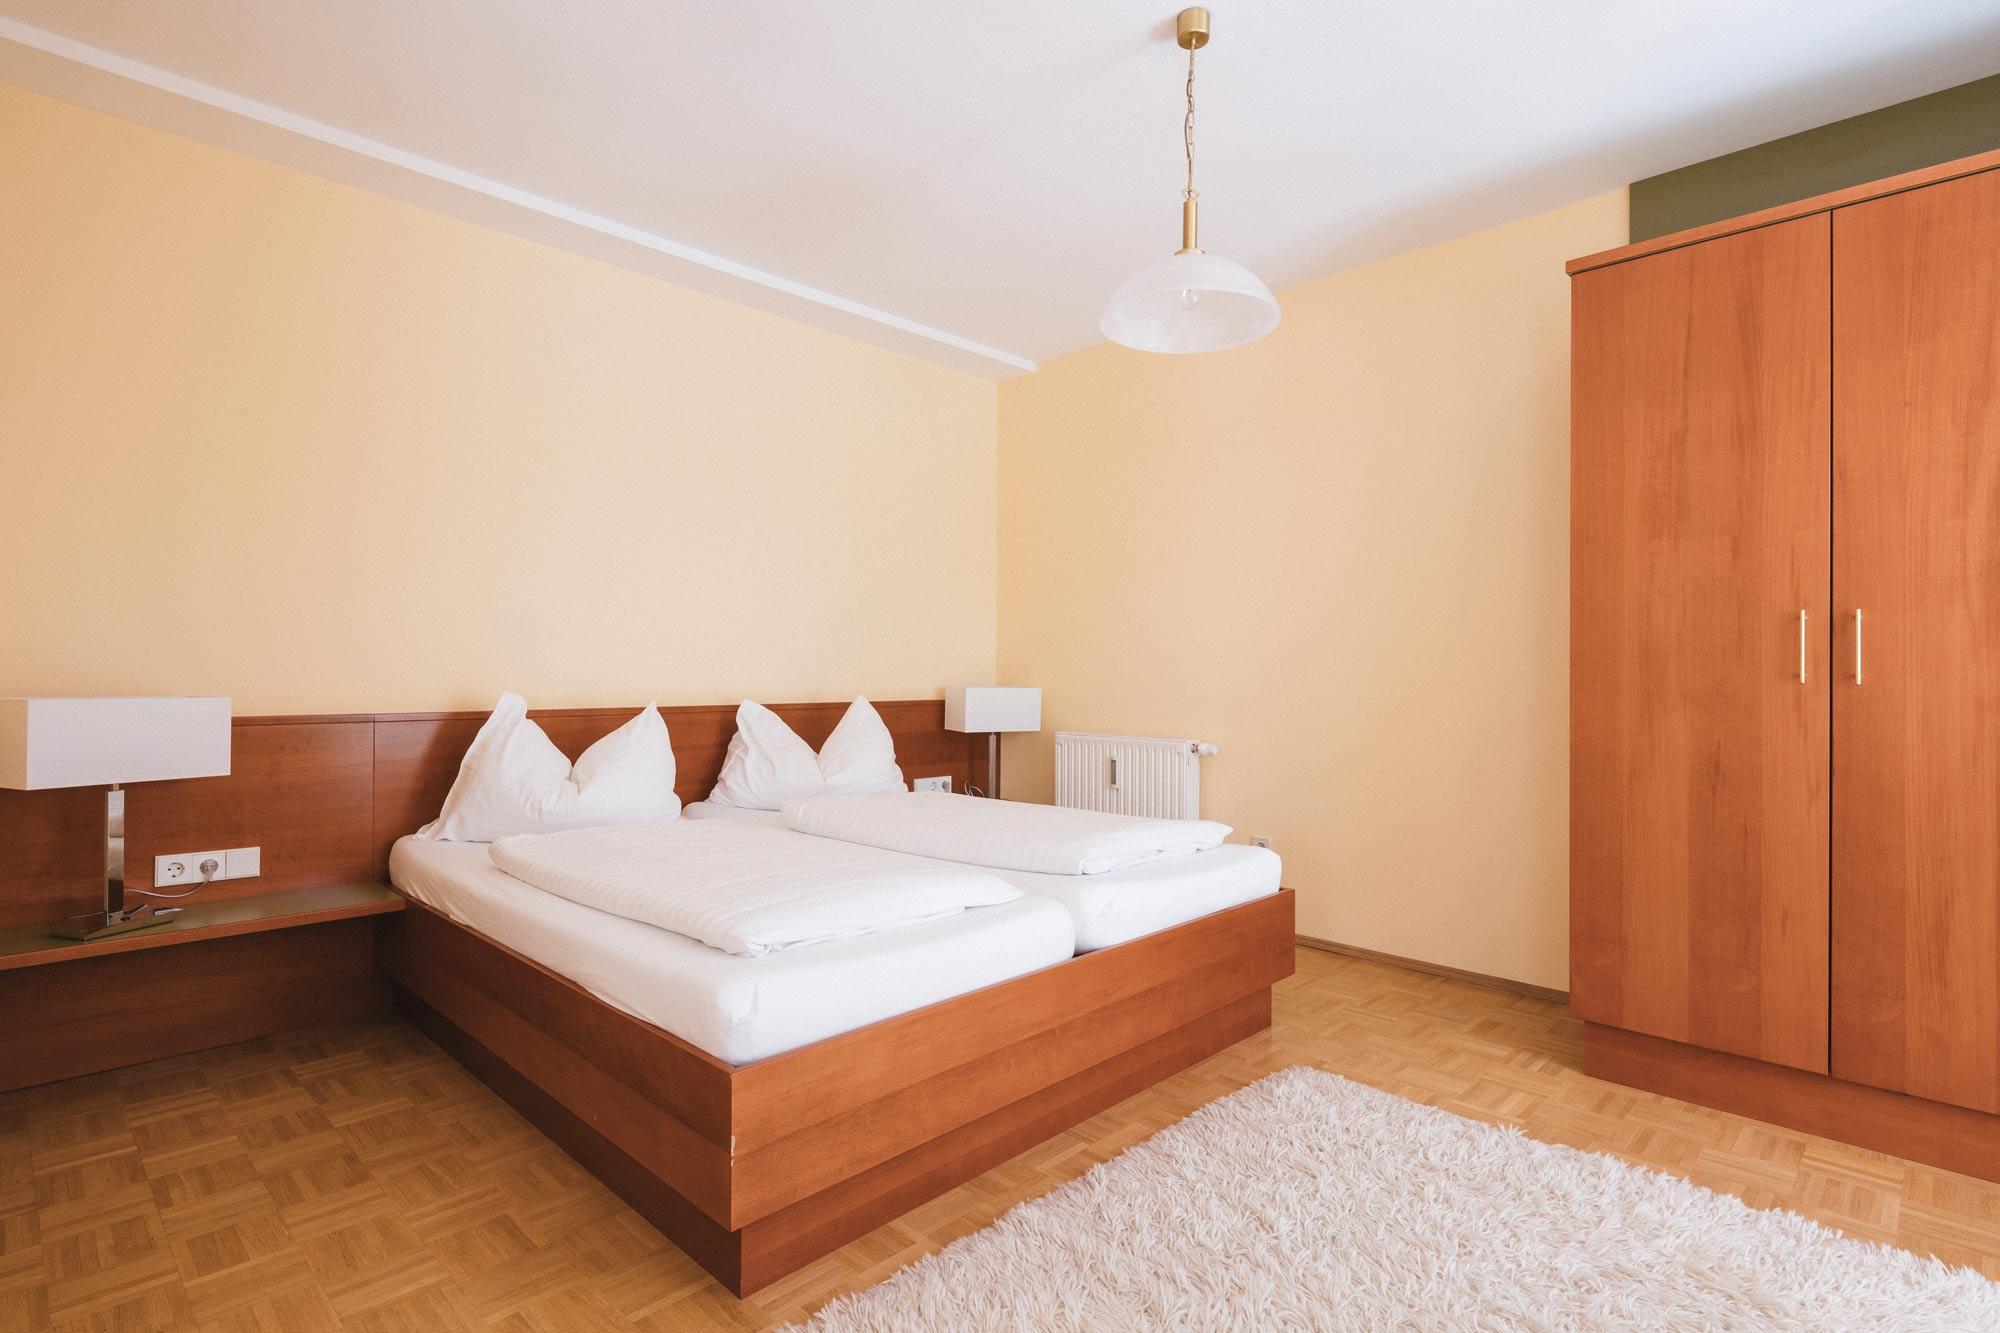 Apartment 1 Schlafbereich